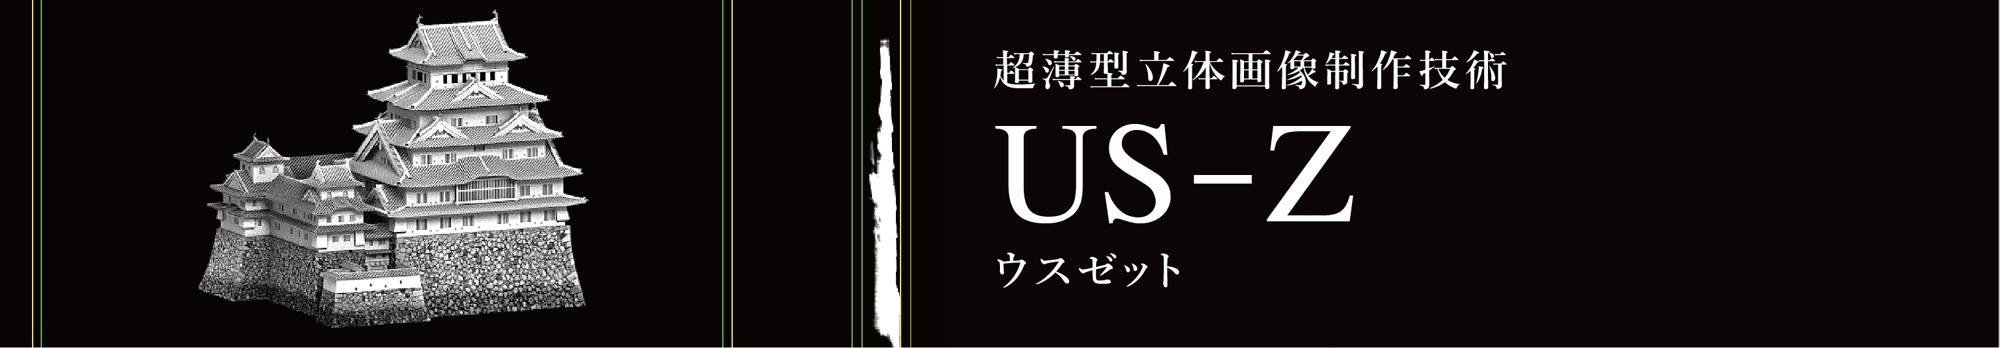 US-Z(ウスゼット)